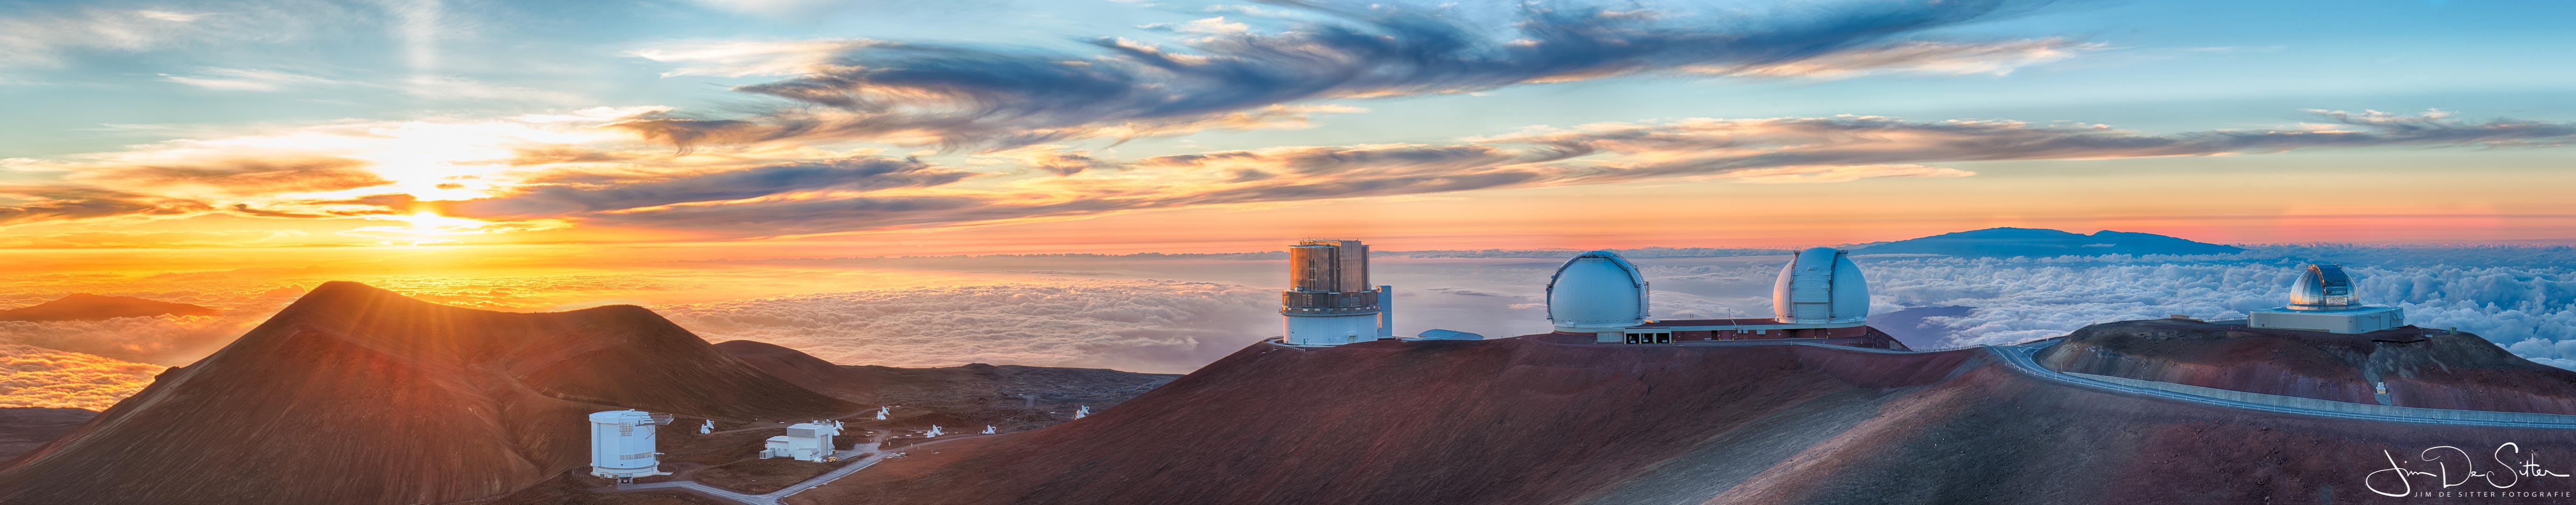 Landschapsfoto : de gigantische telescopen op de top van Mauna Kea in Hawaii